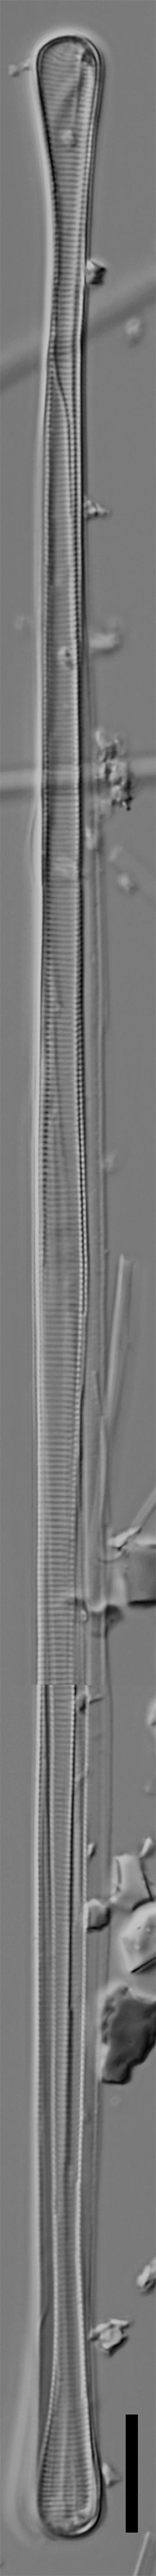 Eunotia spatulata LM1